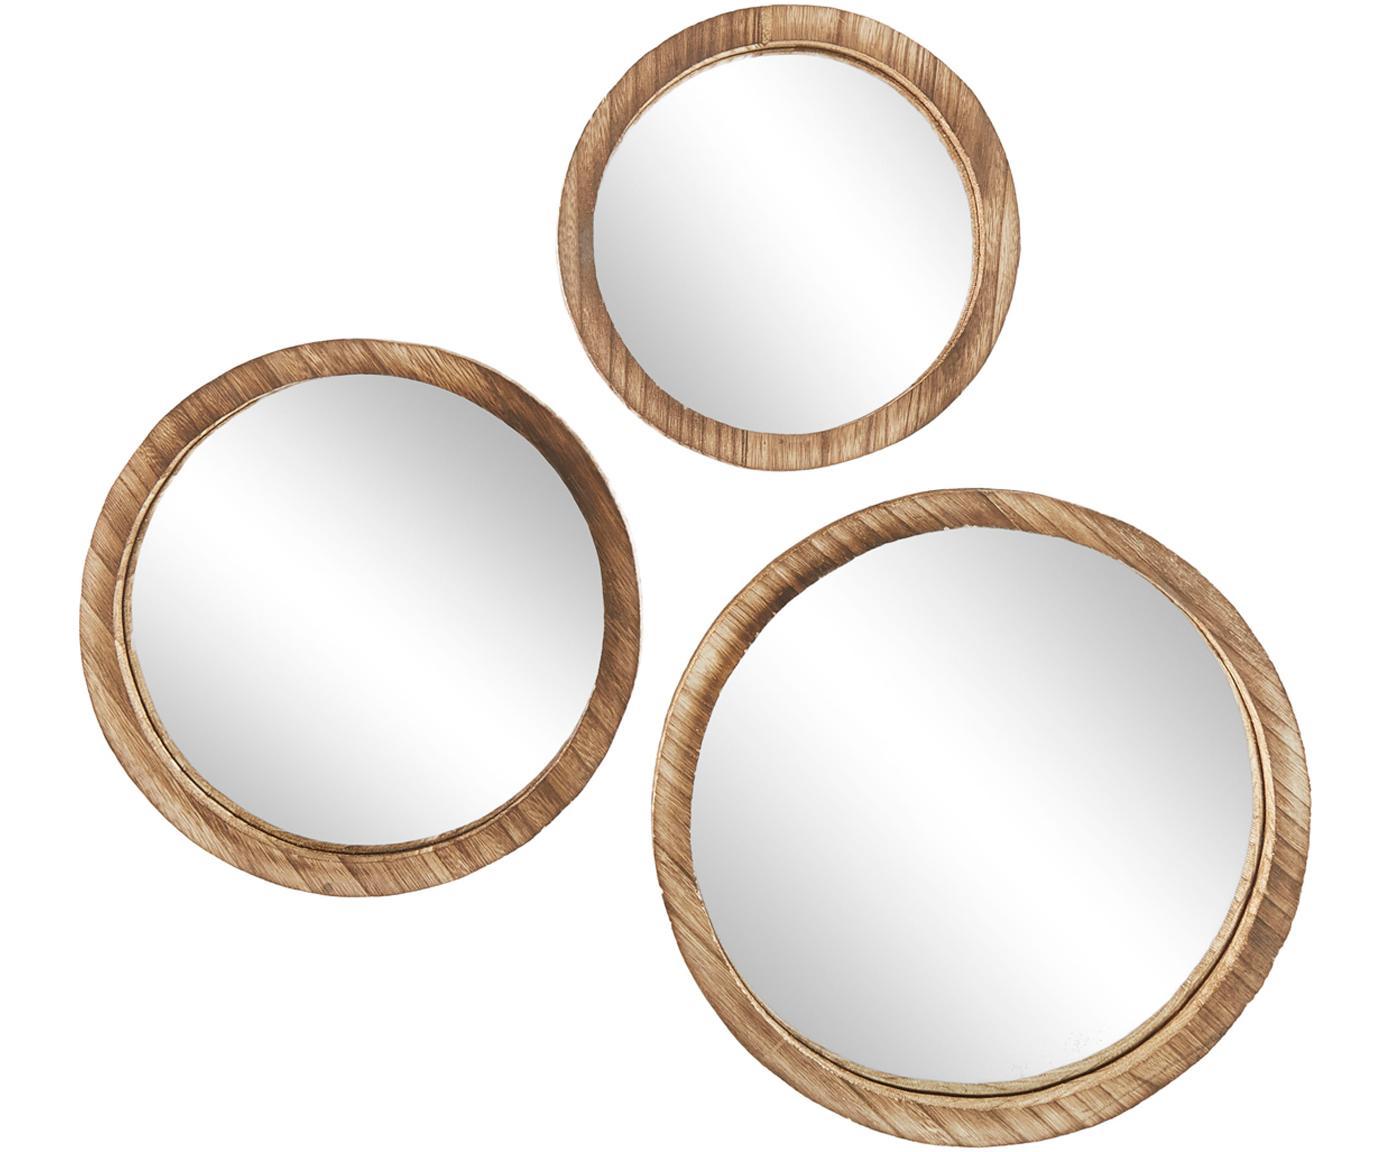 Wandspiegel-Set Jones mit Paulowniaholz-Rahmen, 3-tlg., Rahmen: Paulowniaholz, Spiegelfläche: Spiegelglas, Braun, Verschiedene Grössen